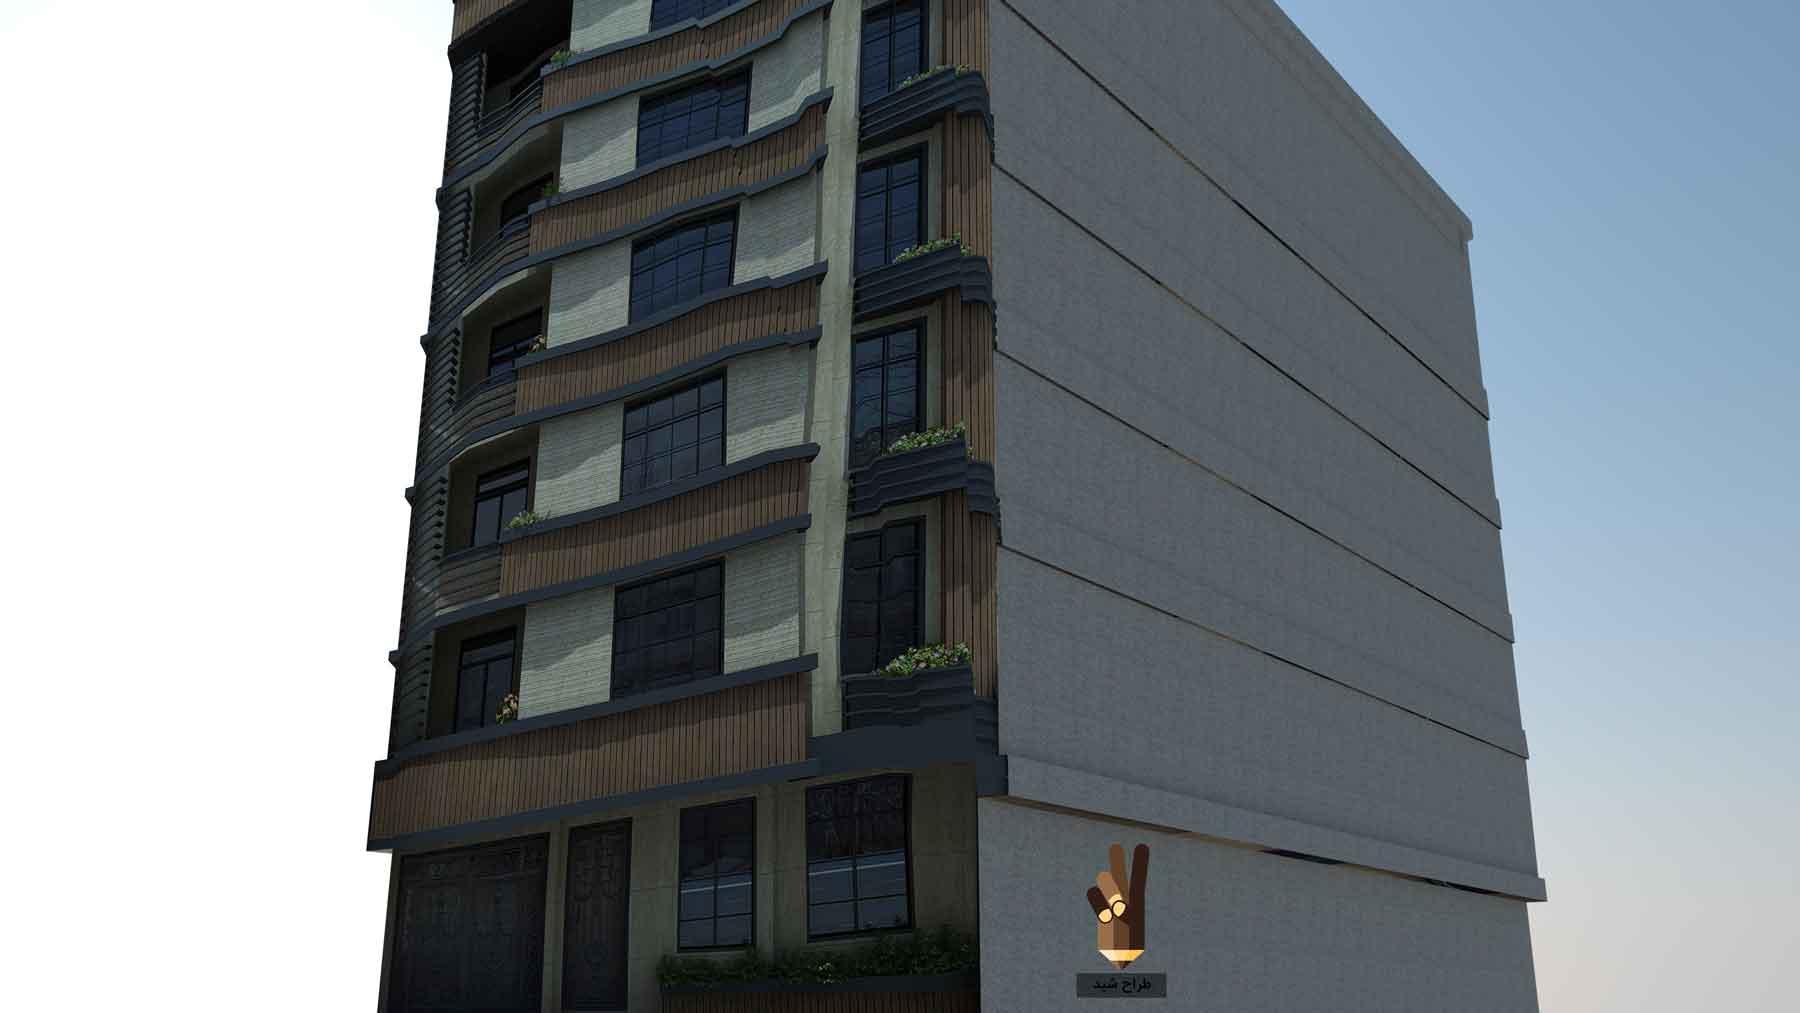 سه بعدی کردن نمای ساختمان در اسکچاپ 8